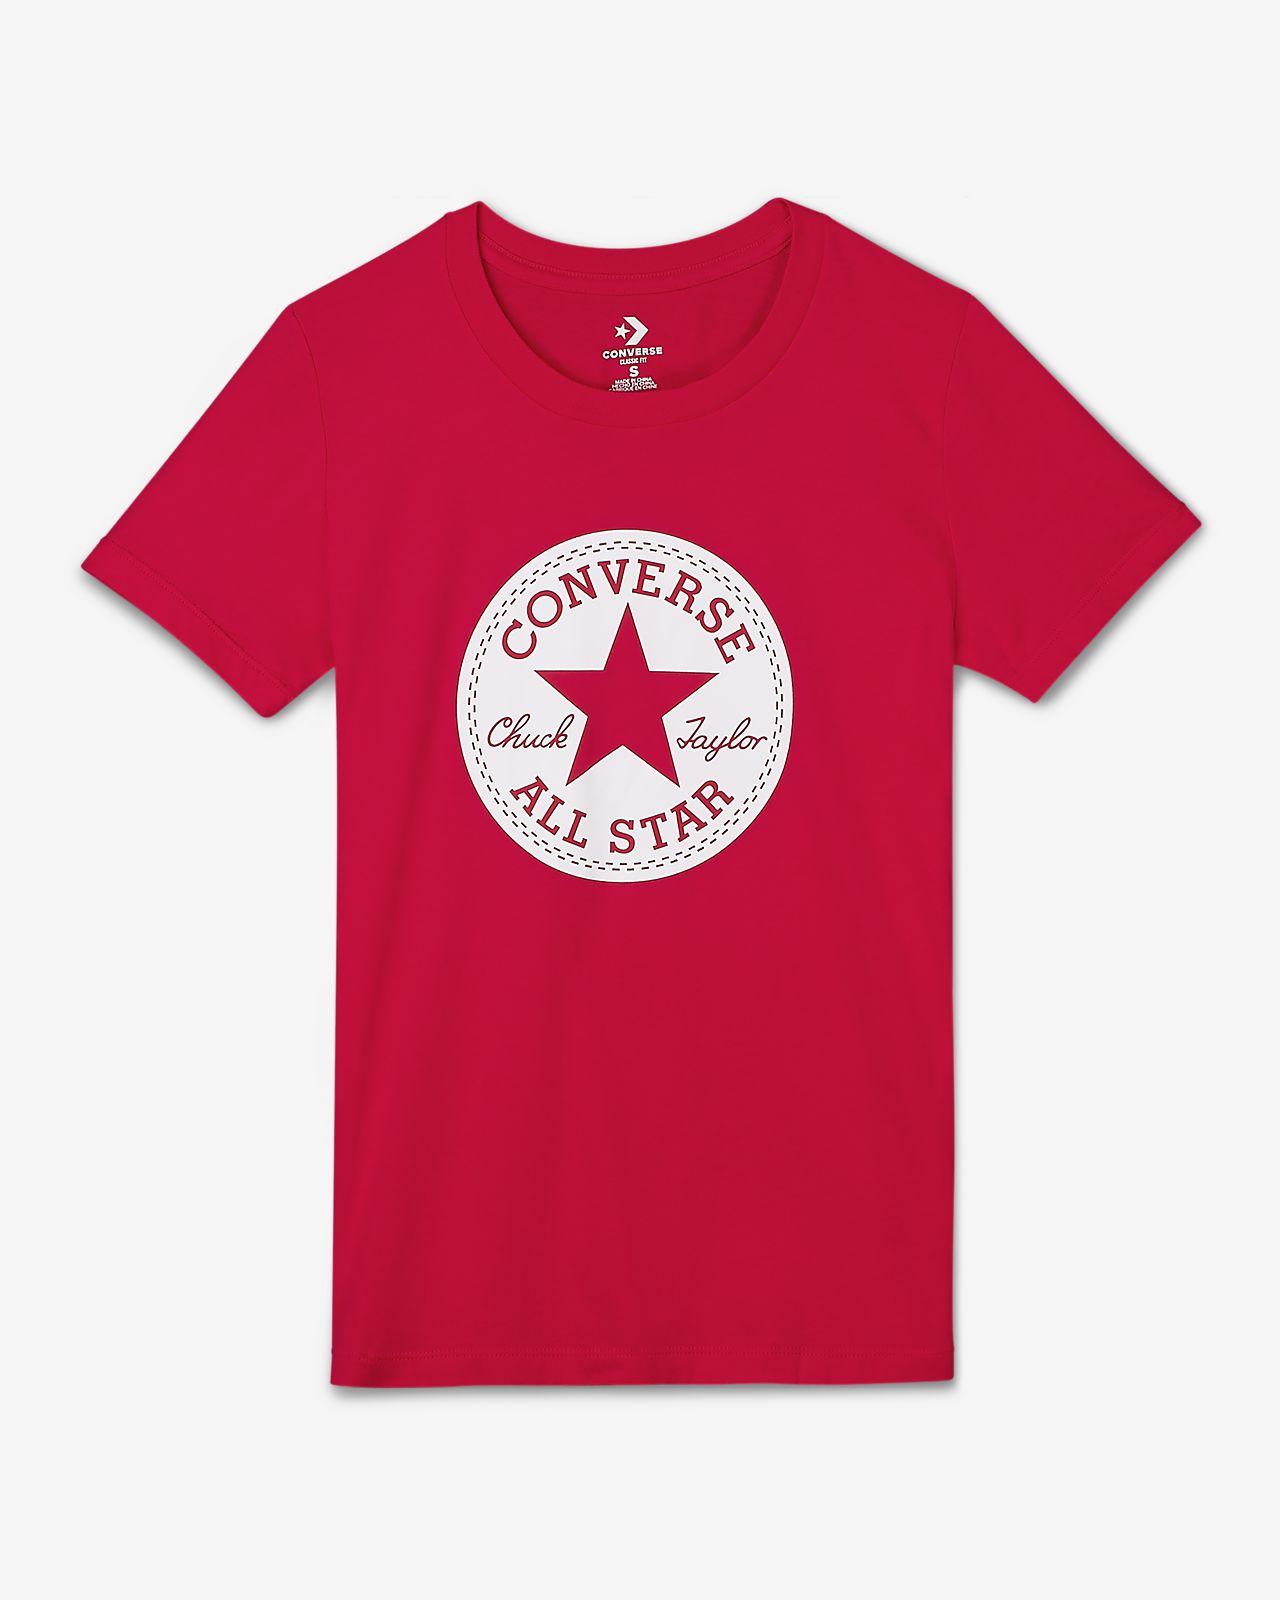 Converse Chuck Patch  Women's T-Shirt